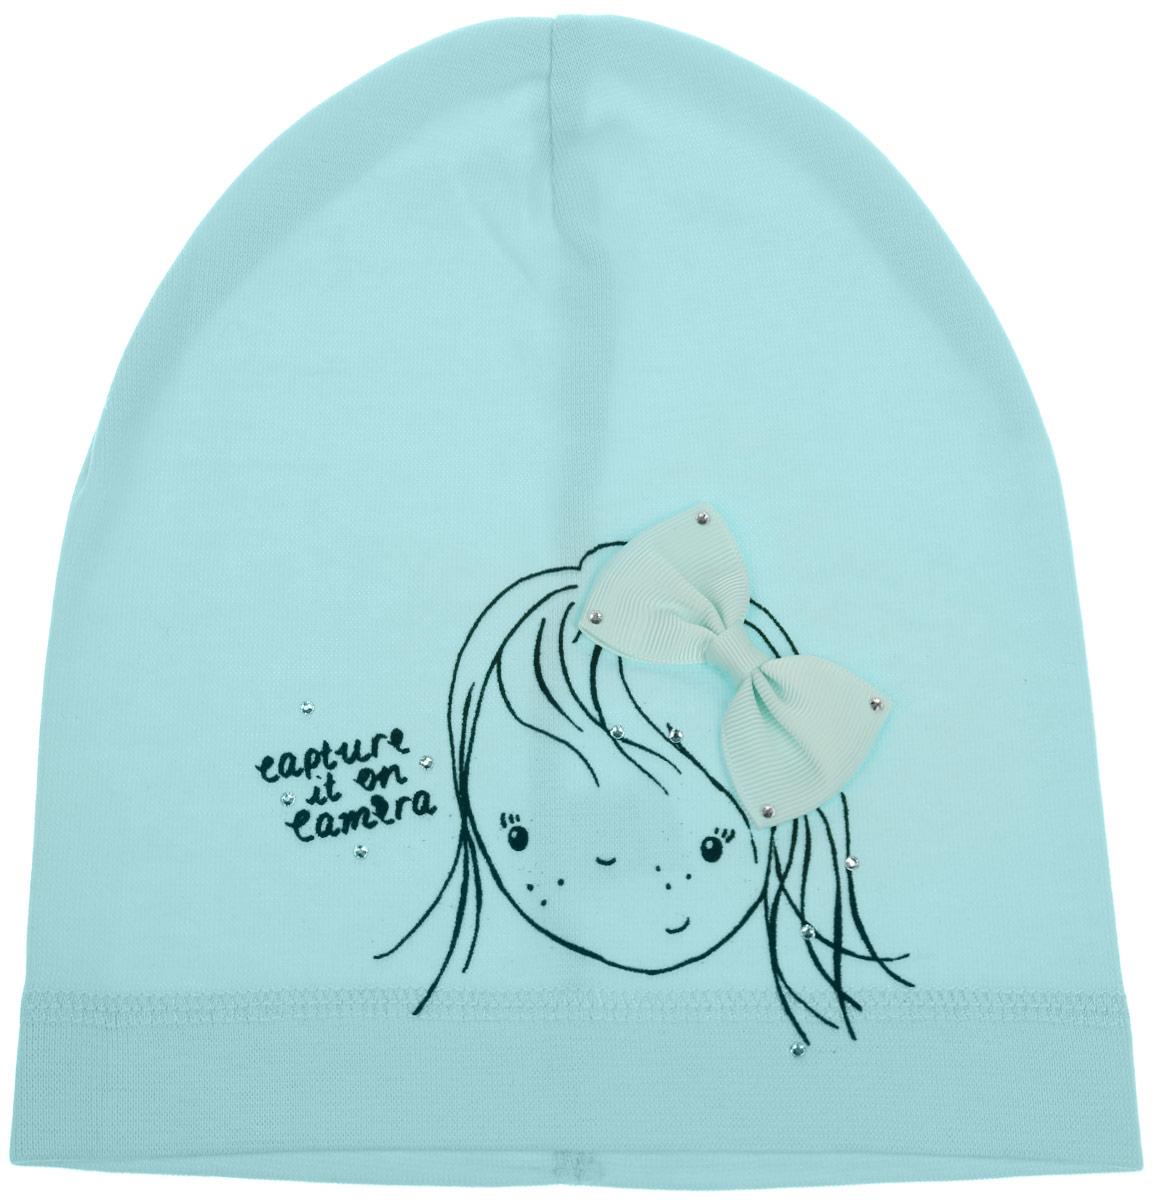 Шапка для девочки. DC4701-22DC4701-22-1Шапка для девочки Fishka станет стильным и красивым дополнением к детскому гардеробу. Шапка выполнена из мягкого эластичного материала, приятная на ощупь, идеально прилегает к голове. Изделие оформлено изображением девочки и надписью, декорировано атласным бантом и стразами. Современный дизайн и расцветка делают эту шапку модным детским аксессуаром. В такой шапке ребенок будет чувствовать себя уютно, комфортно и всегда будет в центре внимания! Уважаемые клиенты! Размер, доступный для заказа, является обхватом головы.